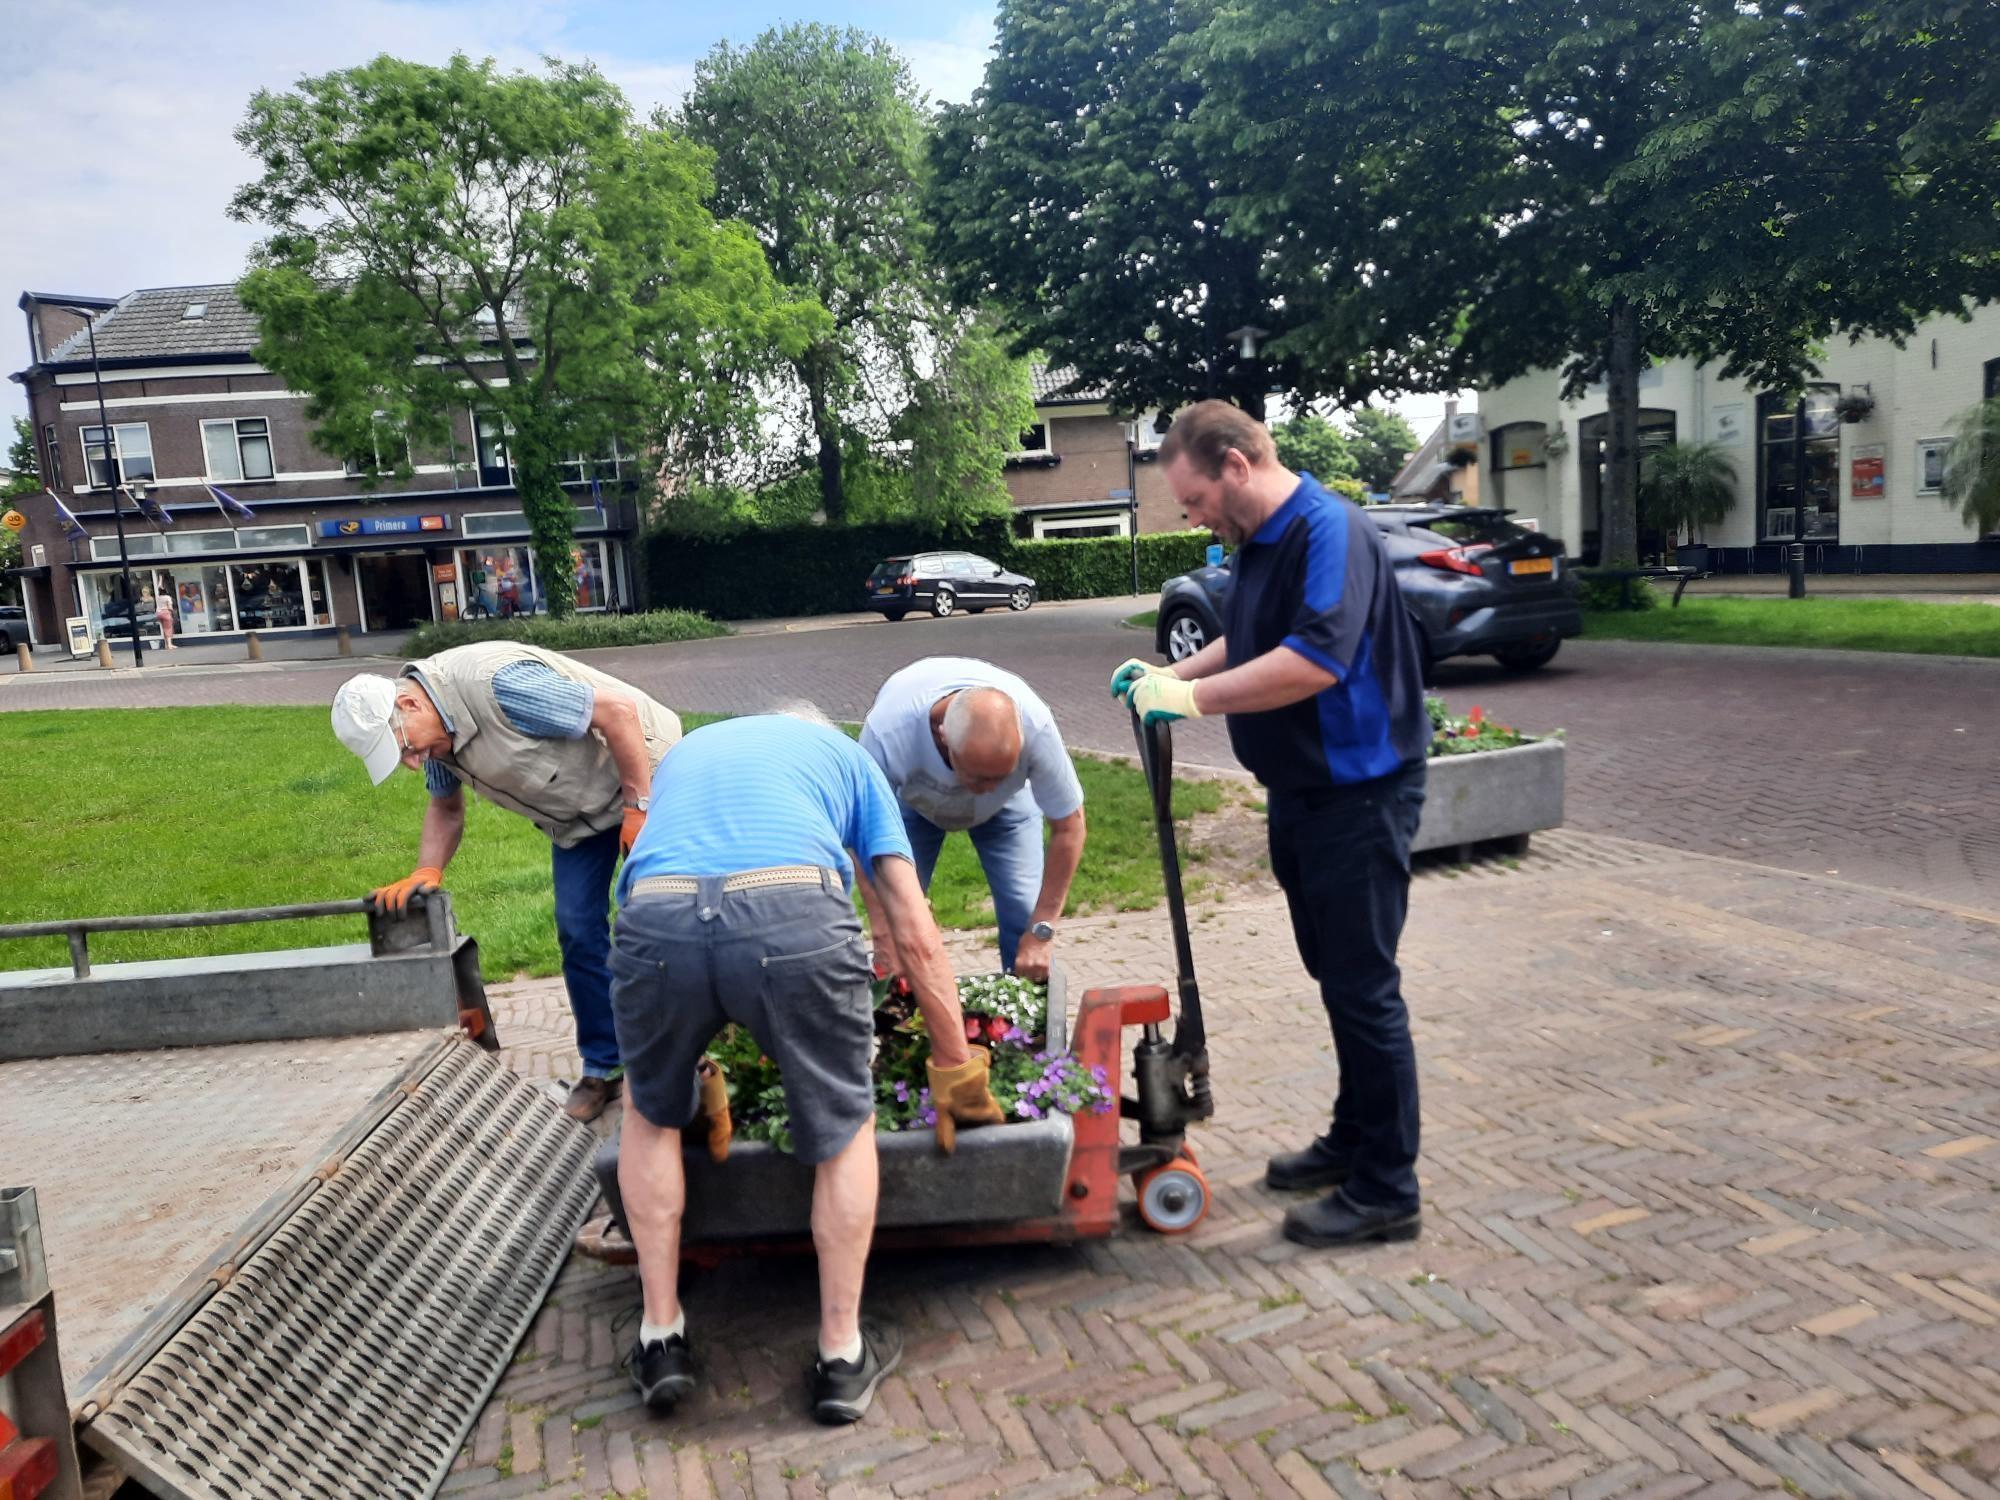 Vrijwilligers plaatsen bloembakken op Marktplein in Brummen